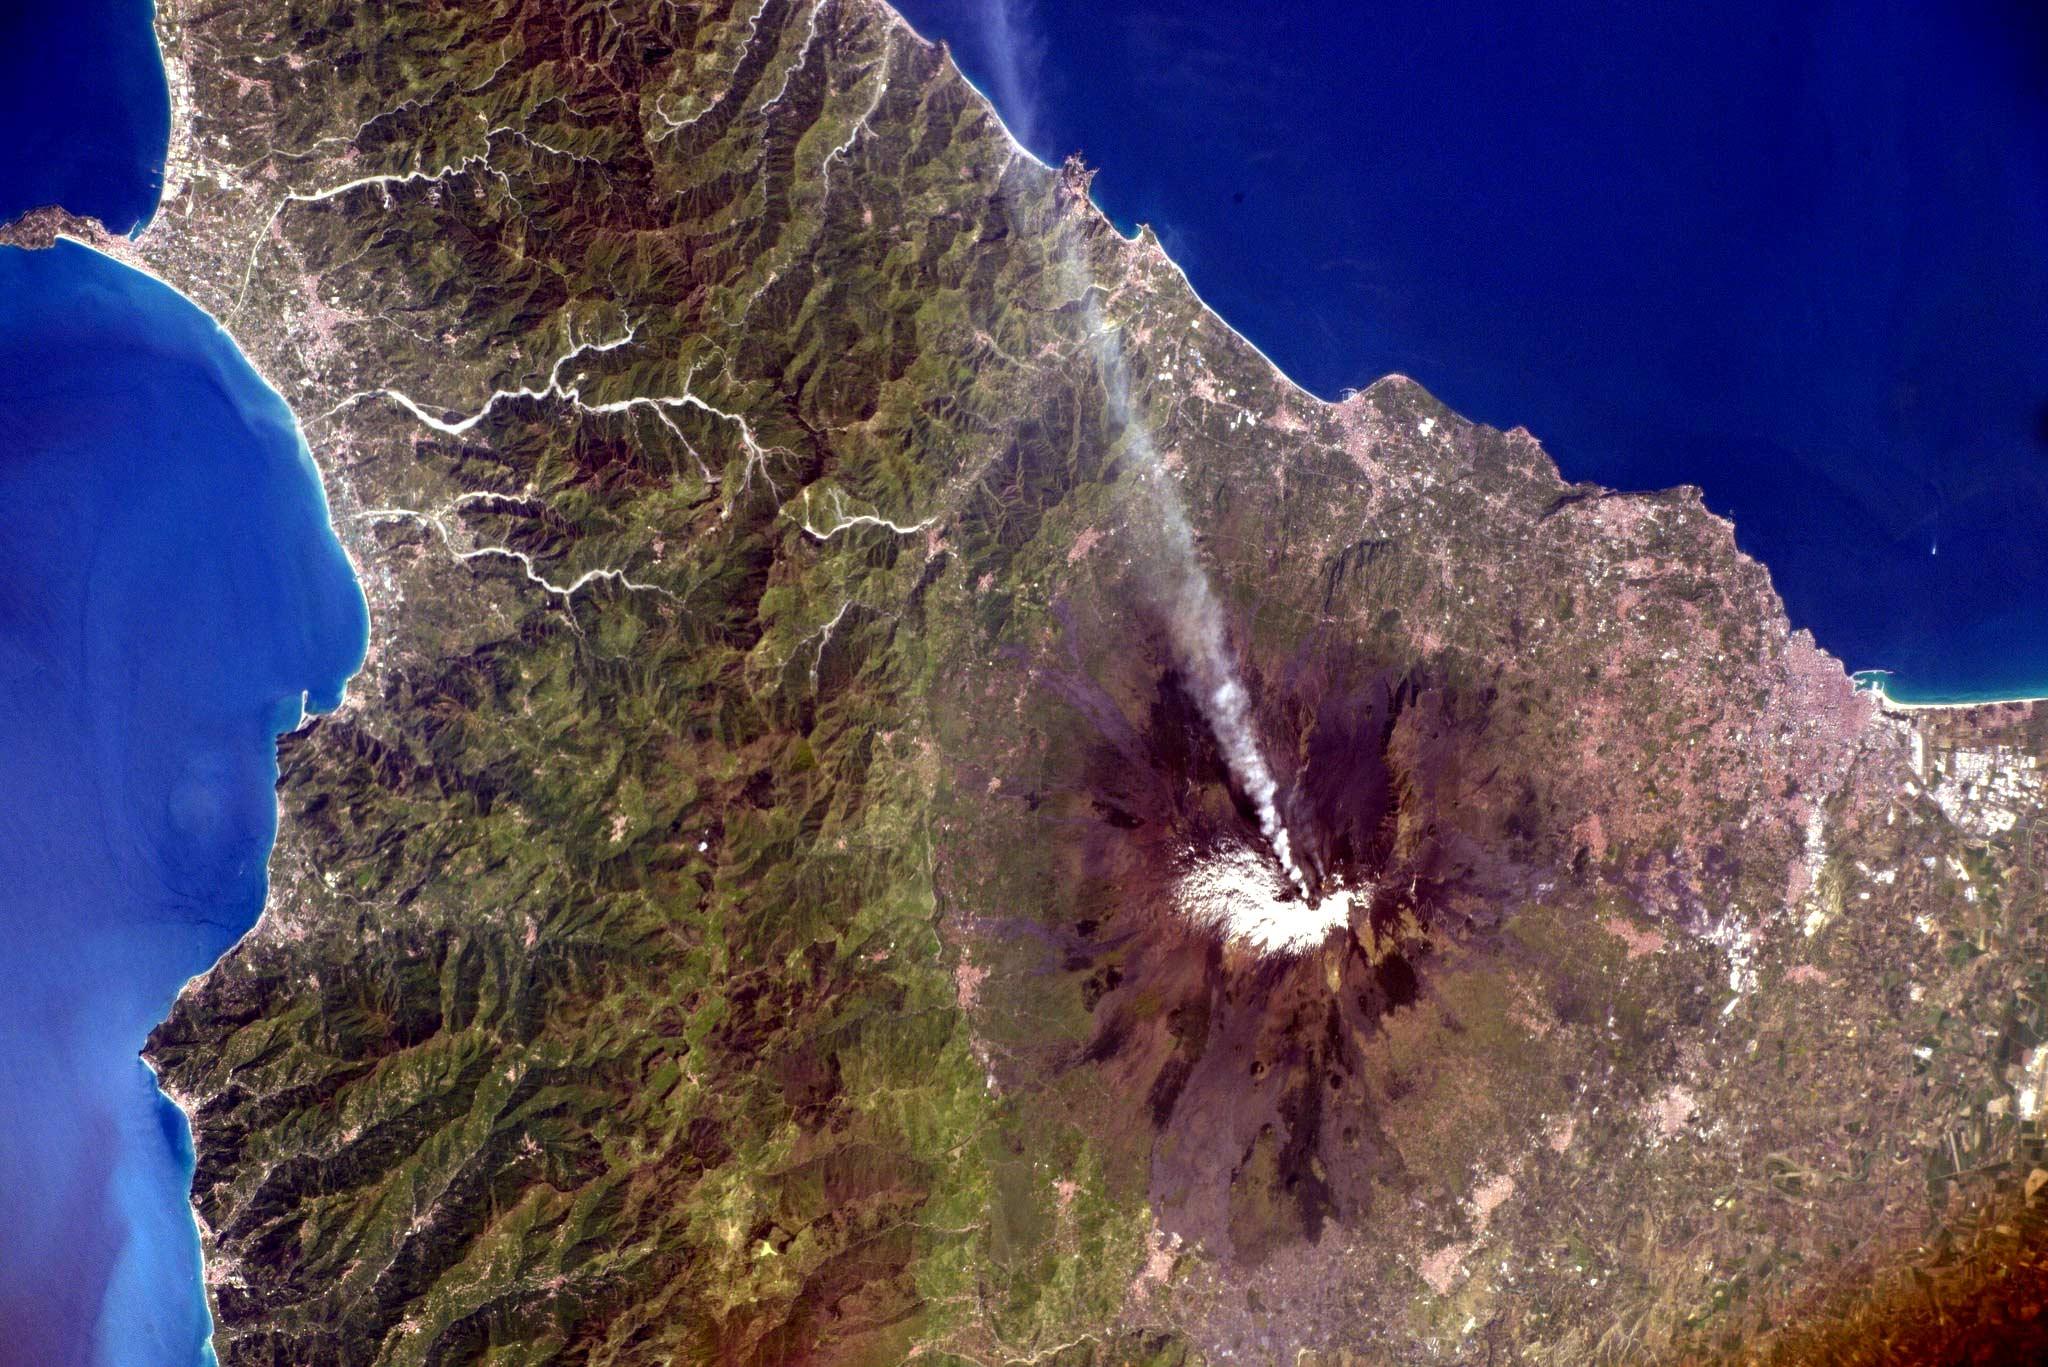 Etna con un pennacchio di fumo (ESA/NASA Tim Peake, ISS, 15 aprile 2016)